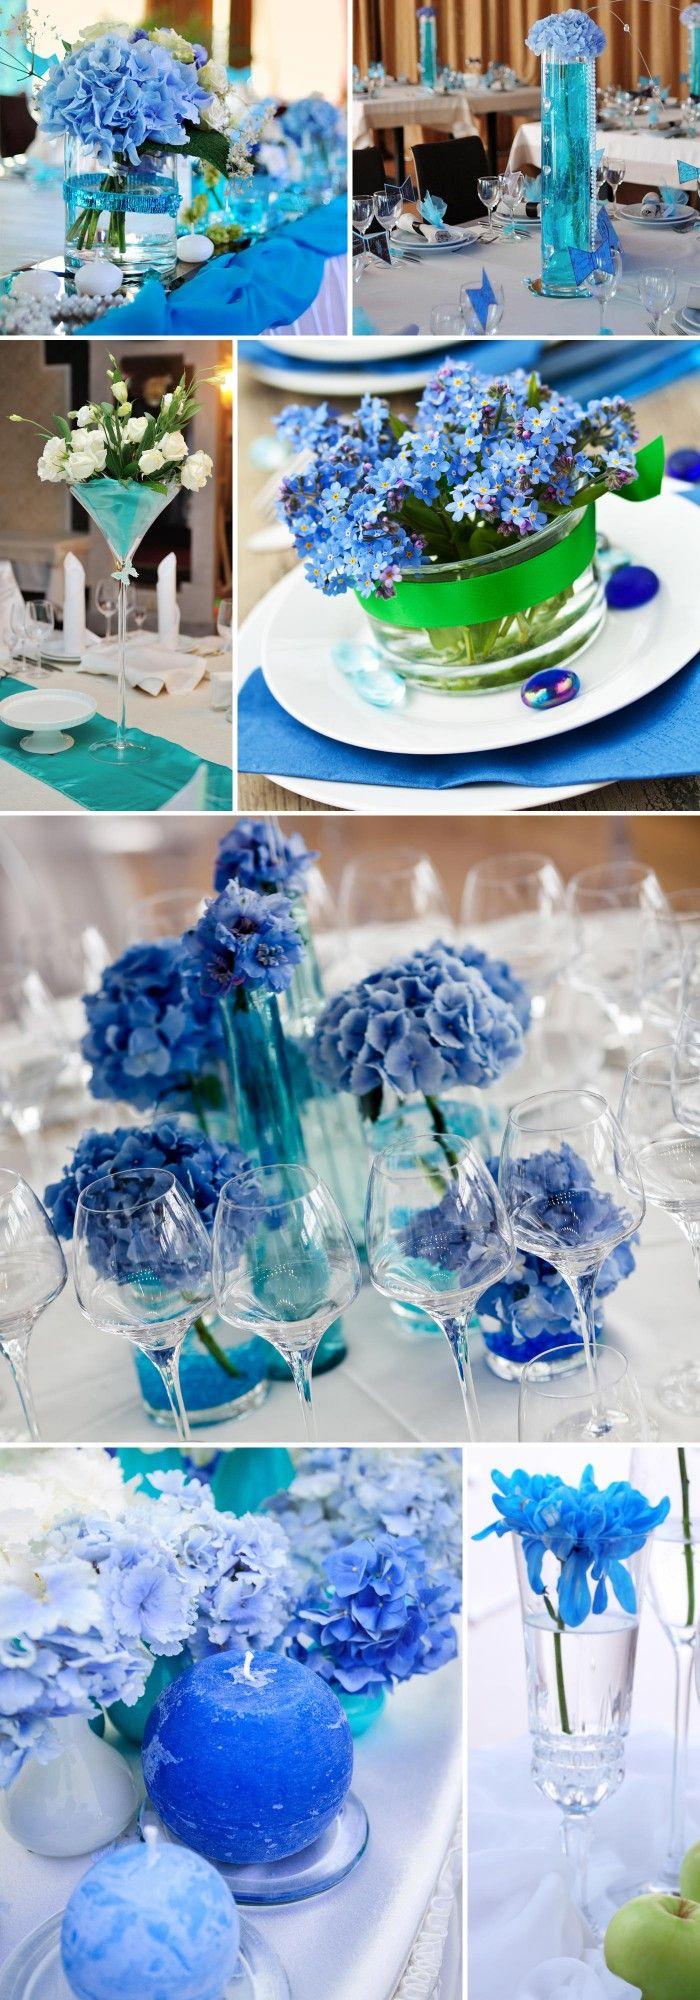 Tischdeko in t rkis blau tischdekoration zur hochzeit for Goldene hochzeit deko ideen